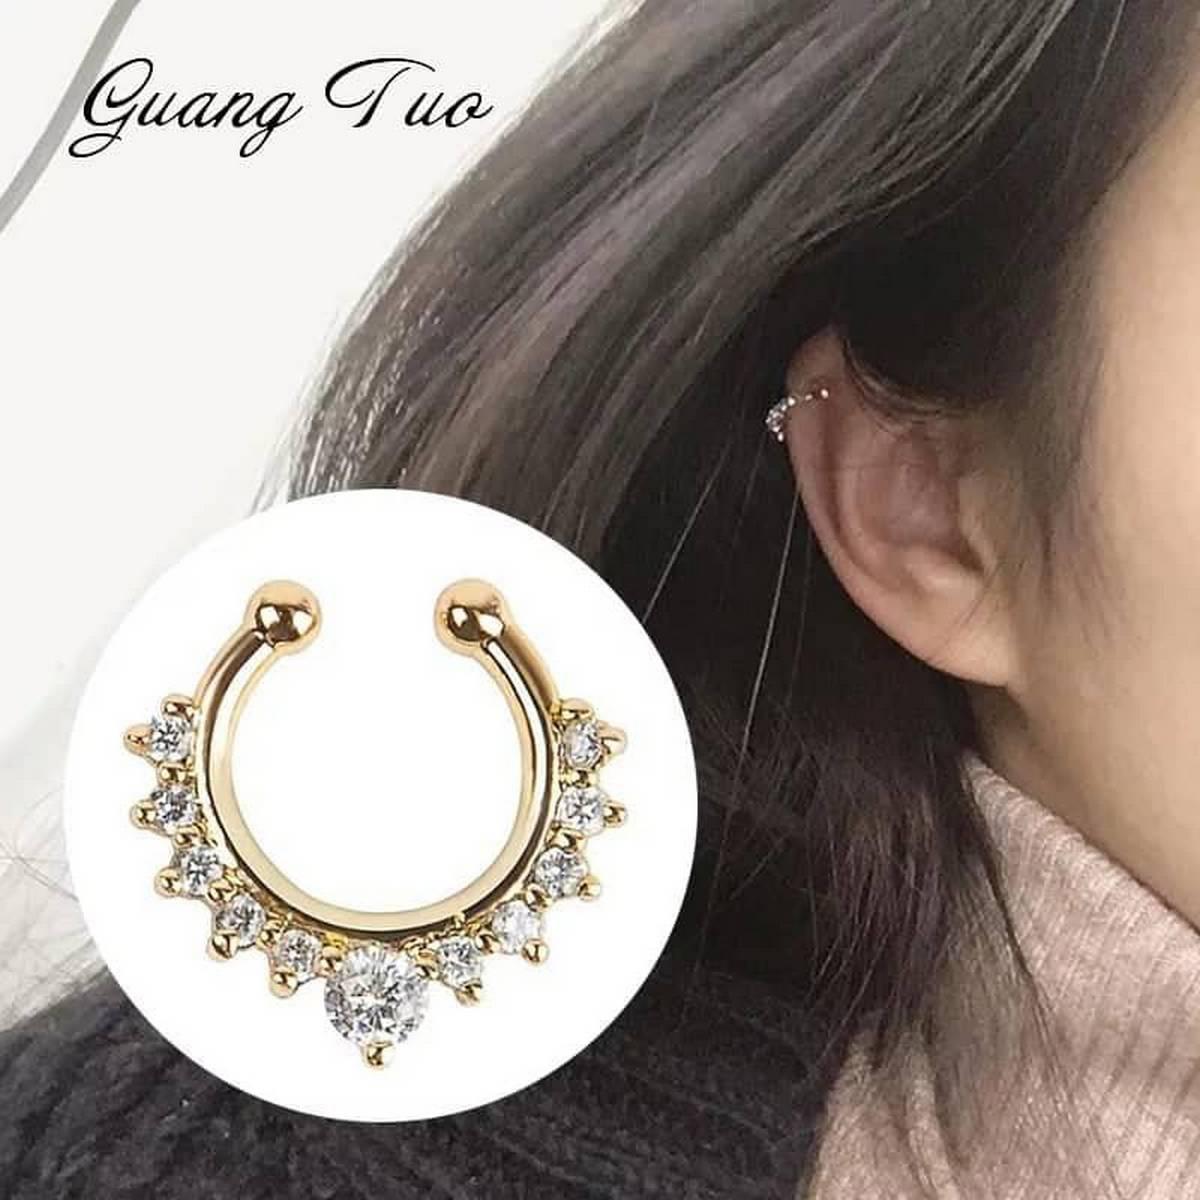 Korean Trendy Fashion Girls Golden Crystal Rhinestone  Ear Cuff Unique Style Jewellery Women Earrings -01 piece